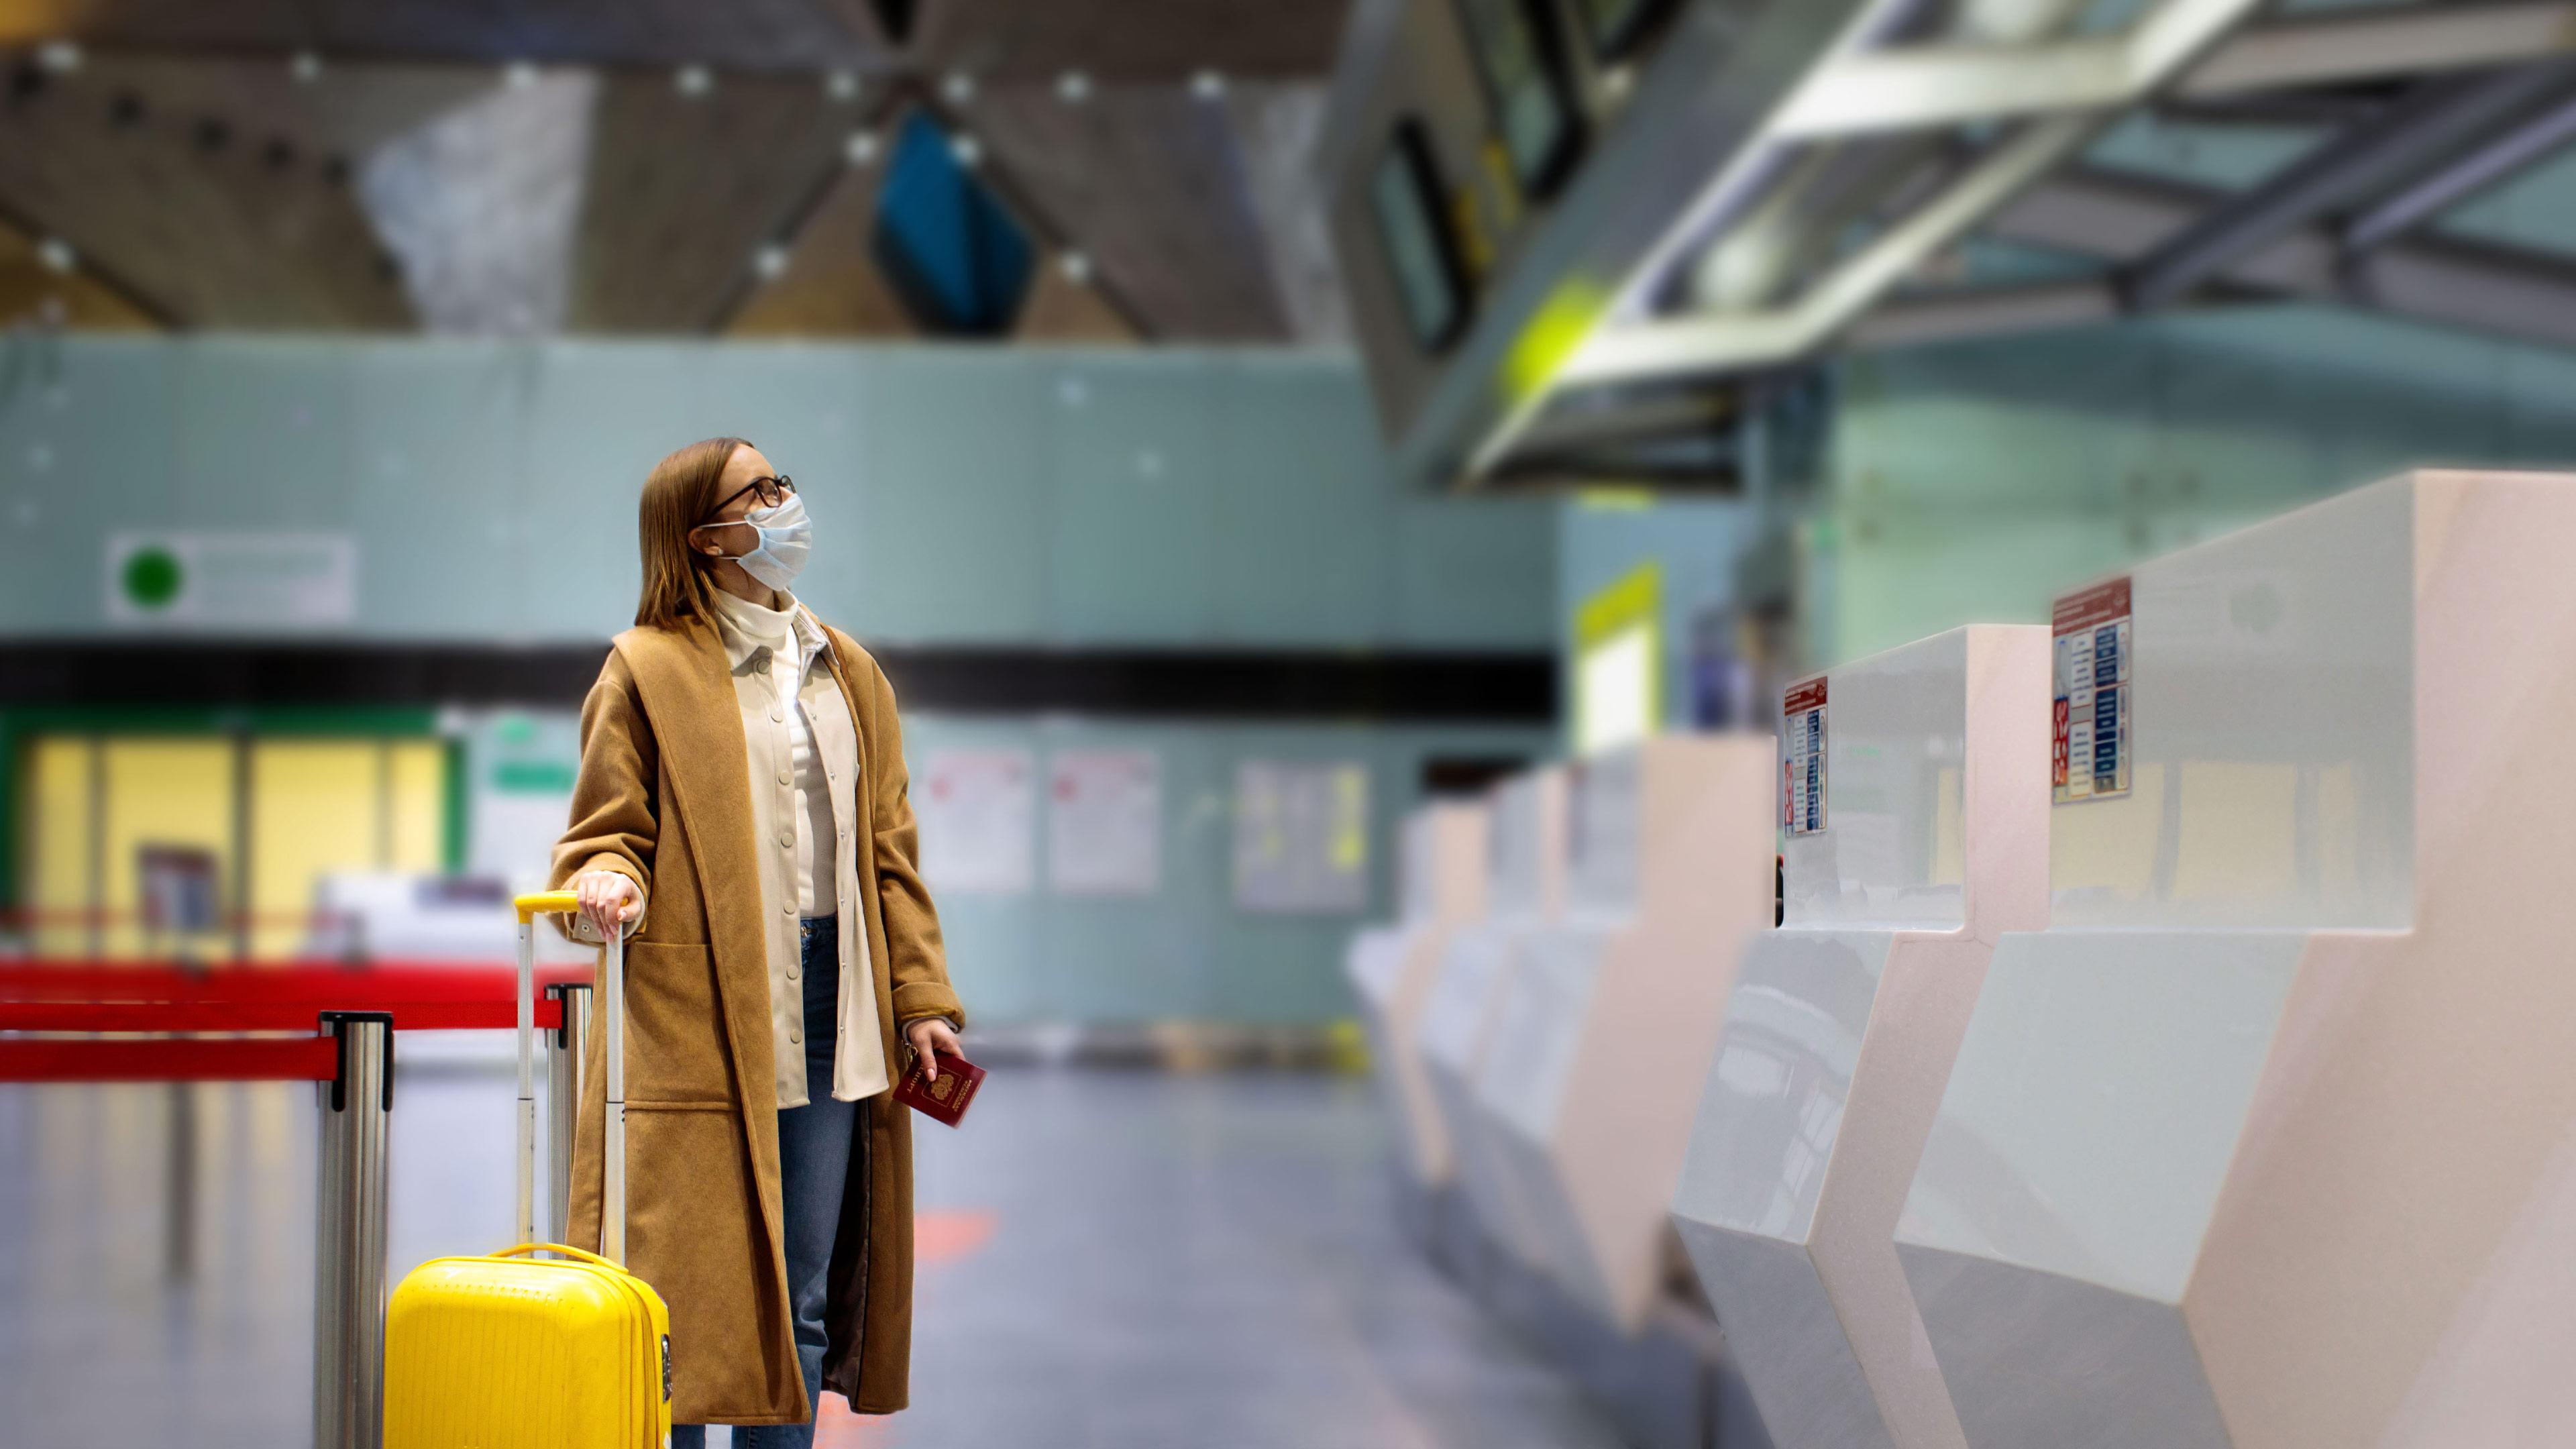 70% des destinations ont levé les restrictions de voyage, mais un fossé se creuse au niveau mondial